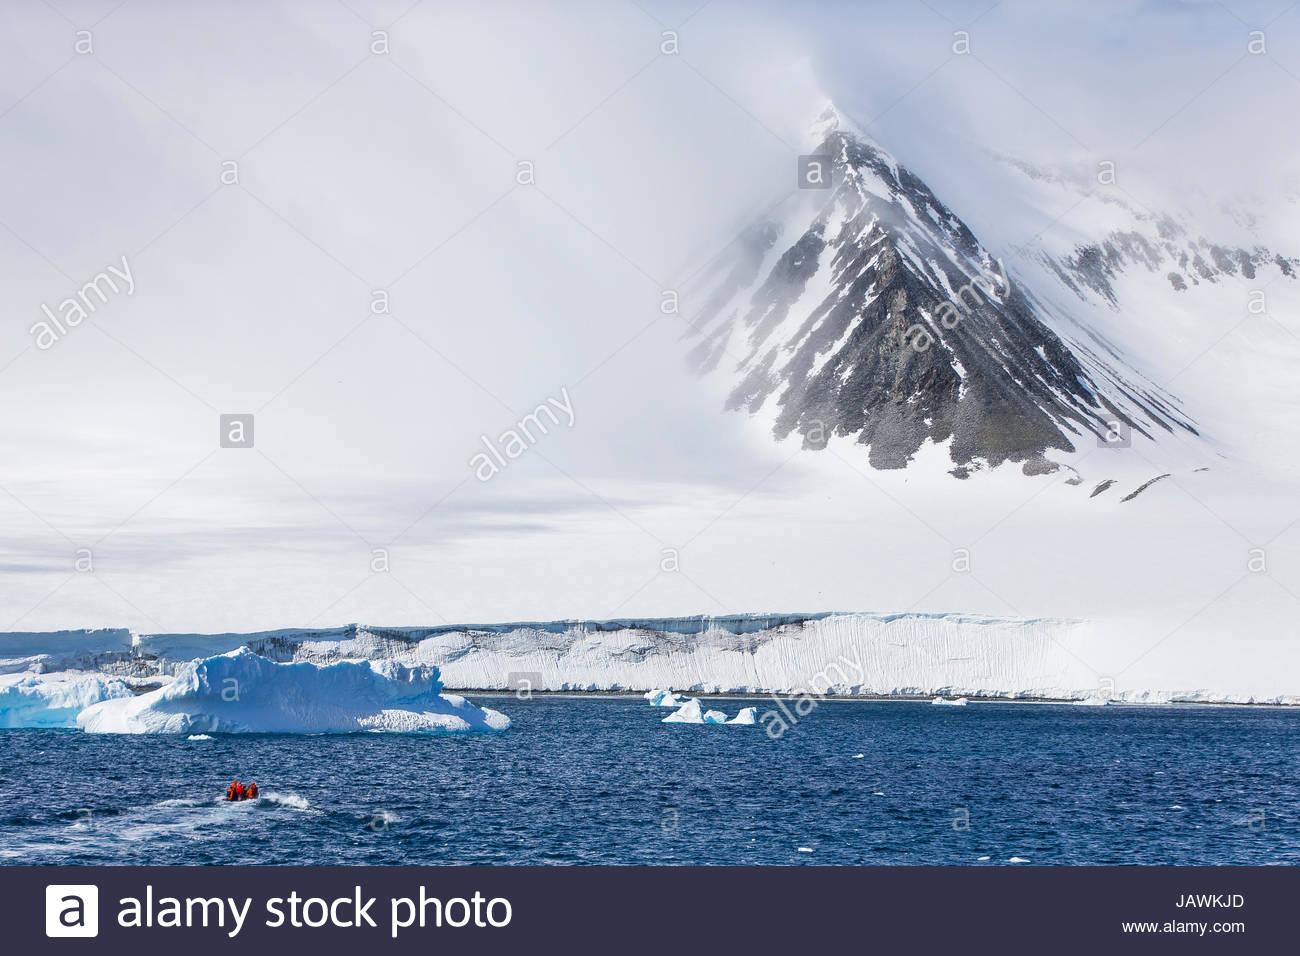 A small Zodiac heading to the coast of Antarctica. - Stock Image